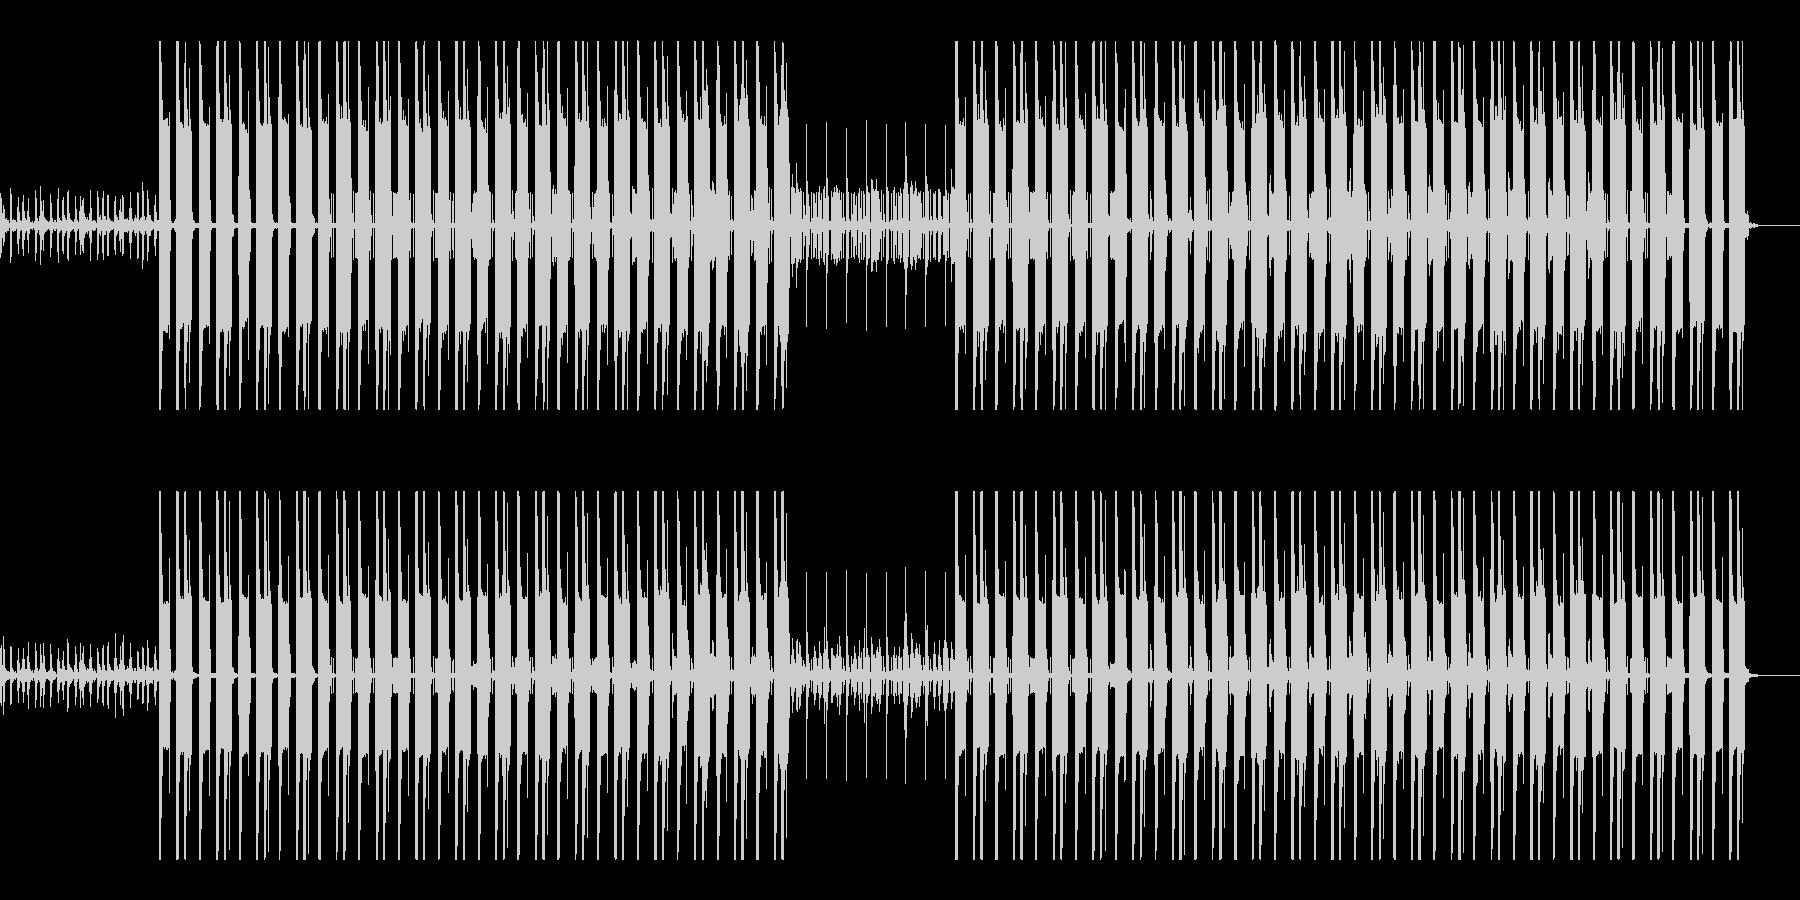 ヒップホップ 重低音 ウーファー の未再生の波形